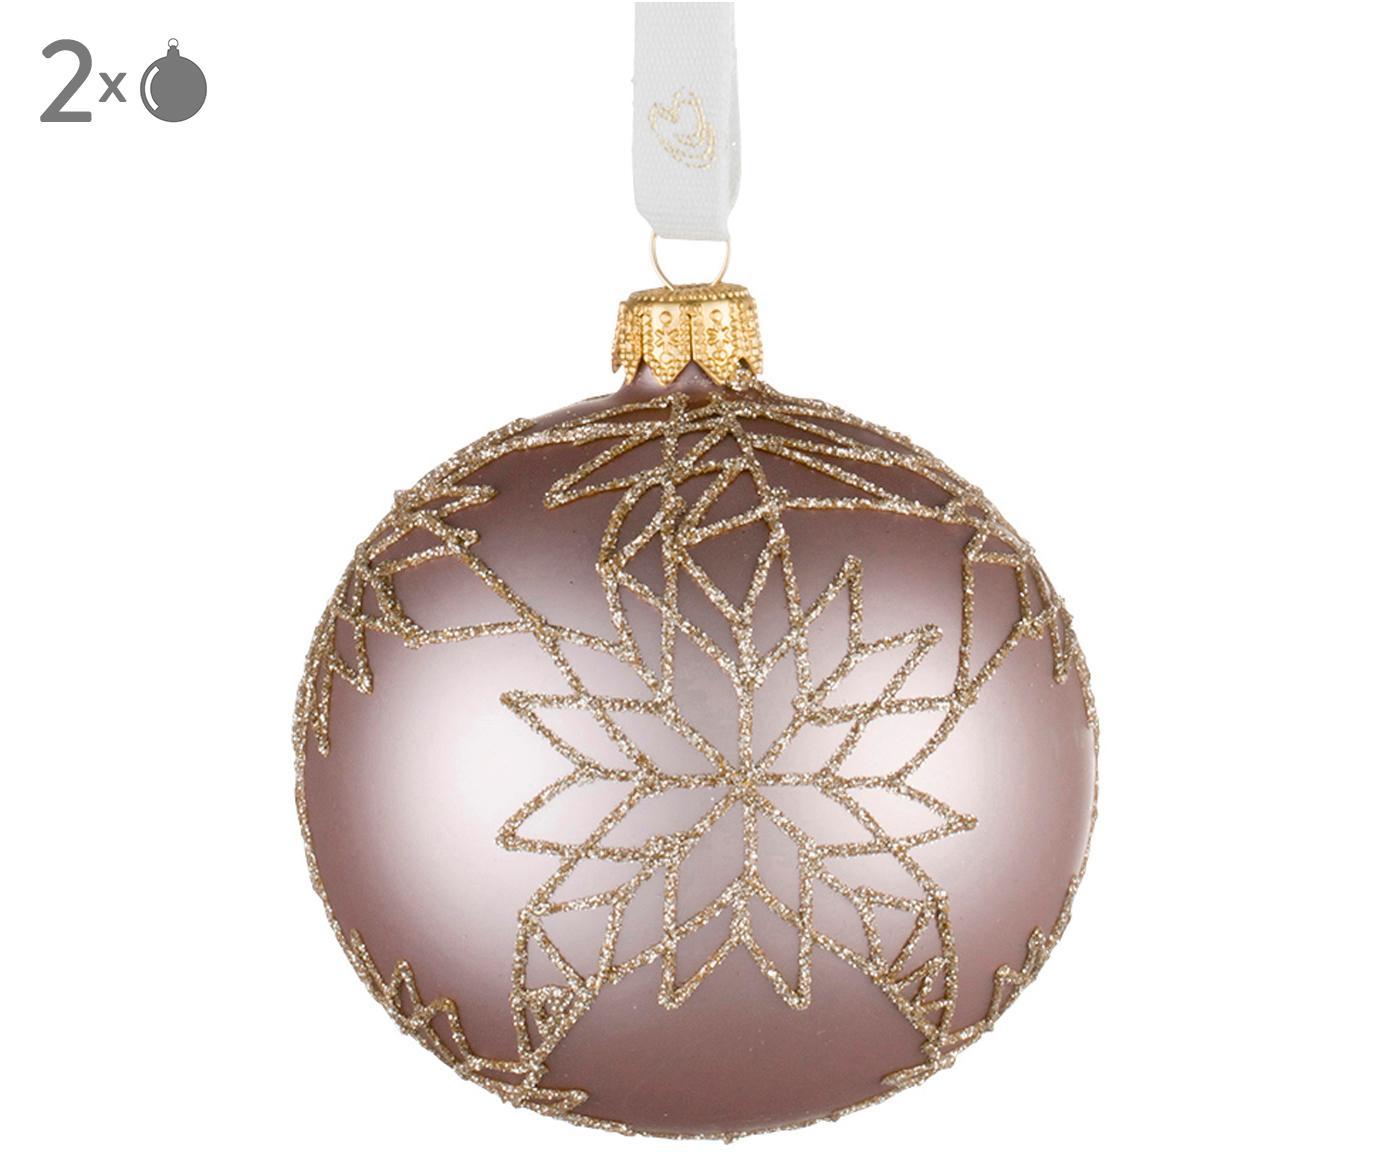 Kerstballen Cadelia, 2 stuks, Roze, goudkleurig, Ø 8 x H 8 cm